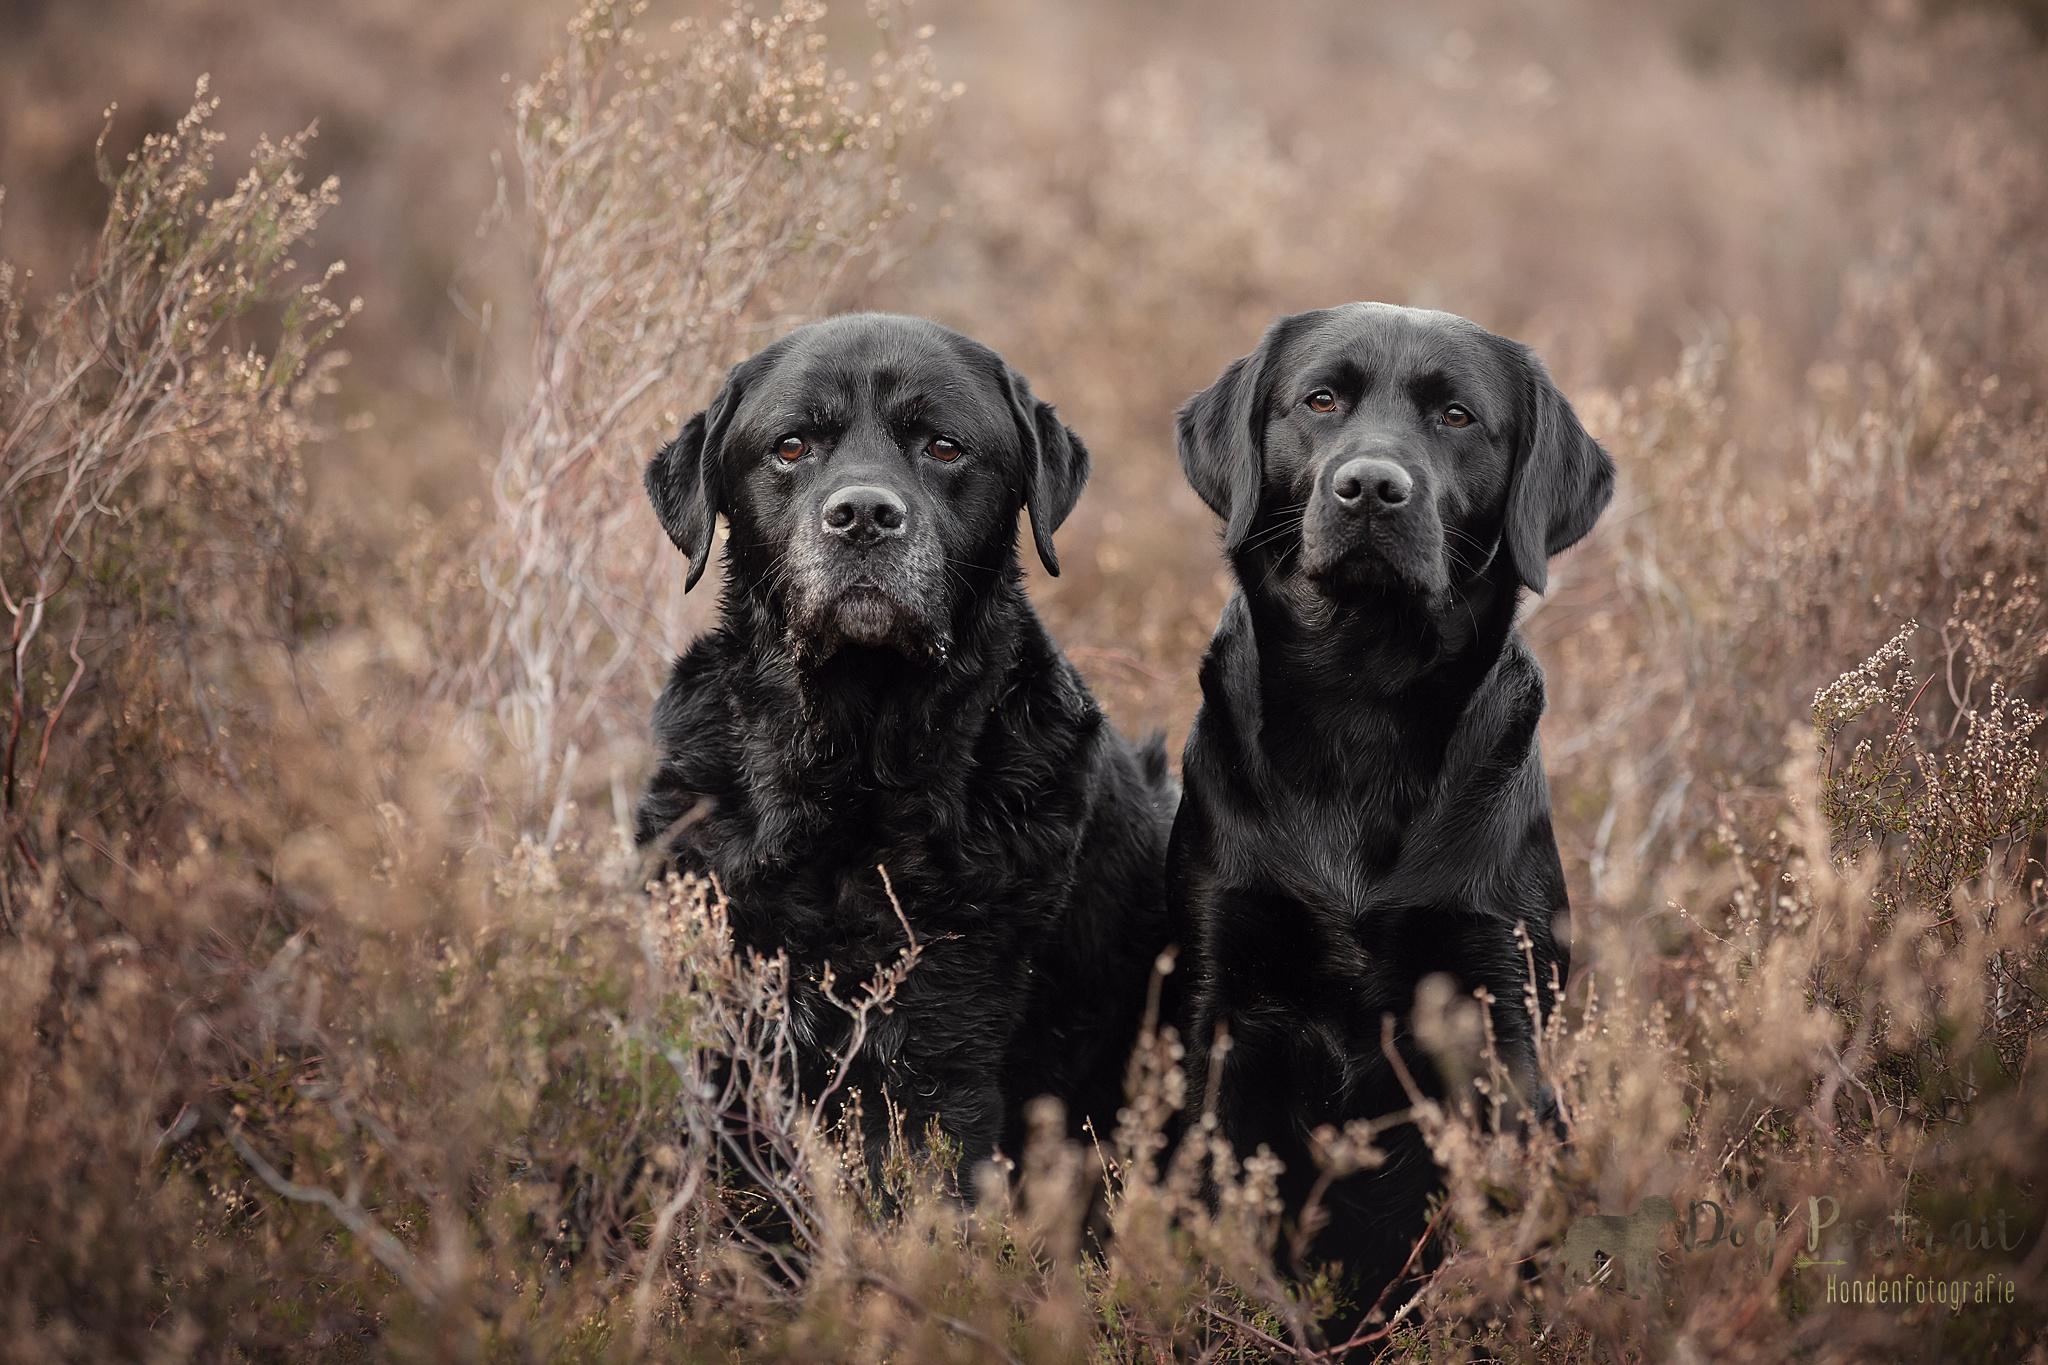 Hondenfotograaf bergen op zoom - labradors op de hei